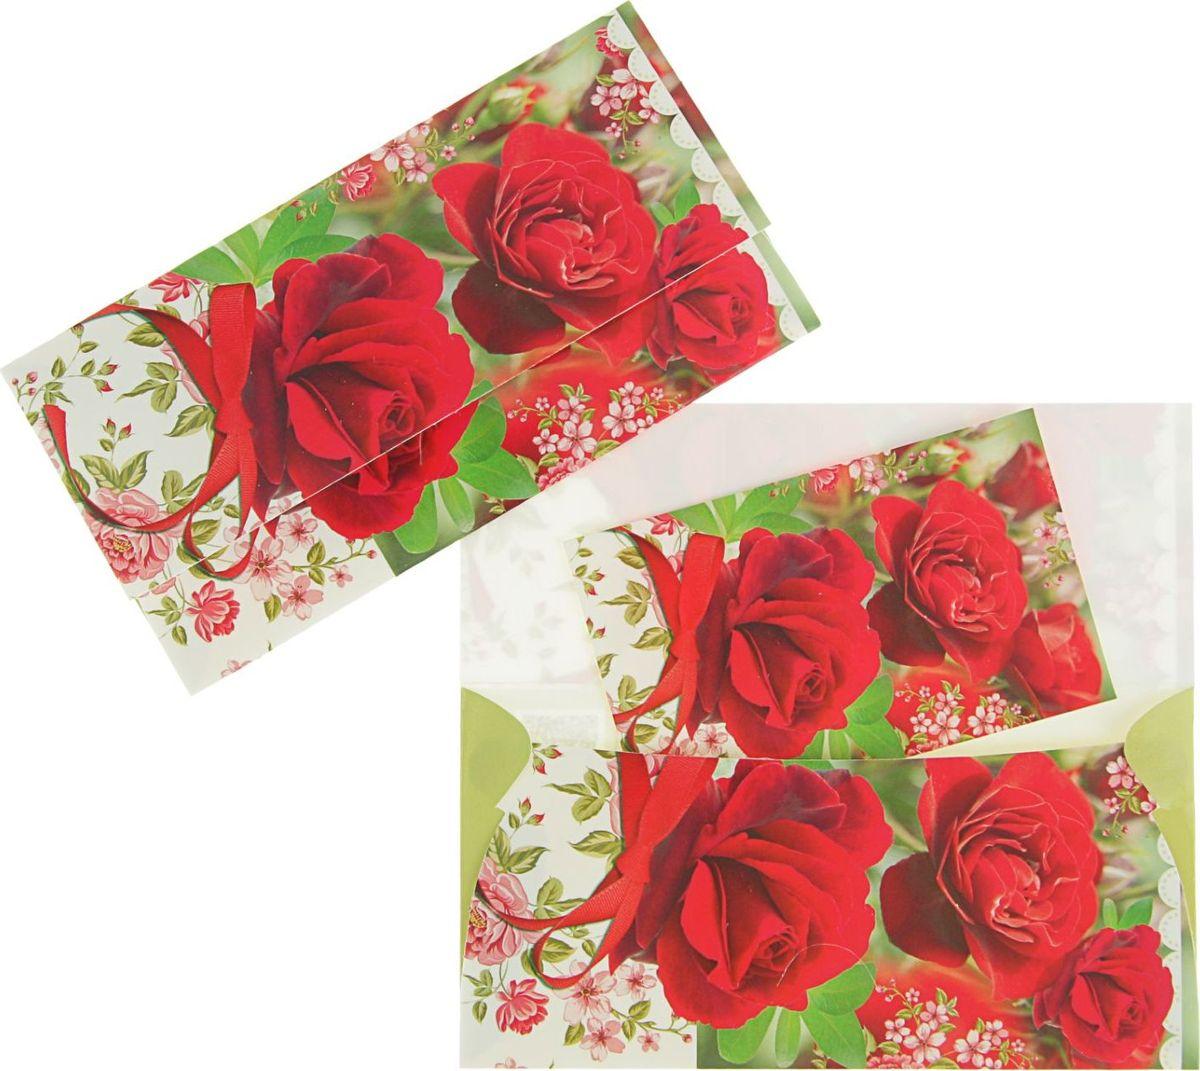 Конверт для денег Русский дизайн Универсальный. Красные розы, 8,5 х 16,5 см2430829Невозможно представить нашу жизнь без праздников! Мы всегда ждём их и предвкушаем, обдумываем, как проведём памятный день, тщательно выбираем подарки и аксессуары, ведь именно они создают и поддерживают торжественный настрой. Этот конверт - отличный выбор, который привнесёт атмосферу праздника в ваш дом!